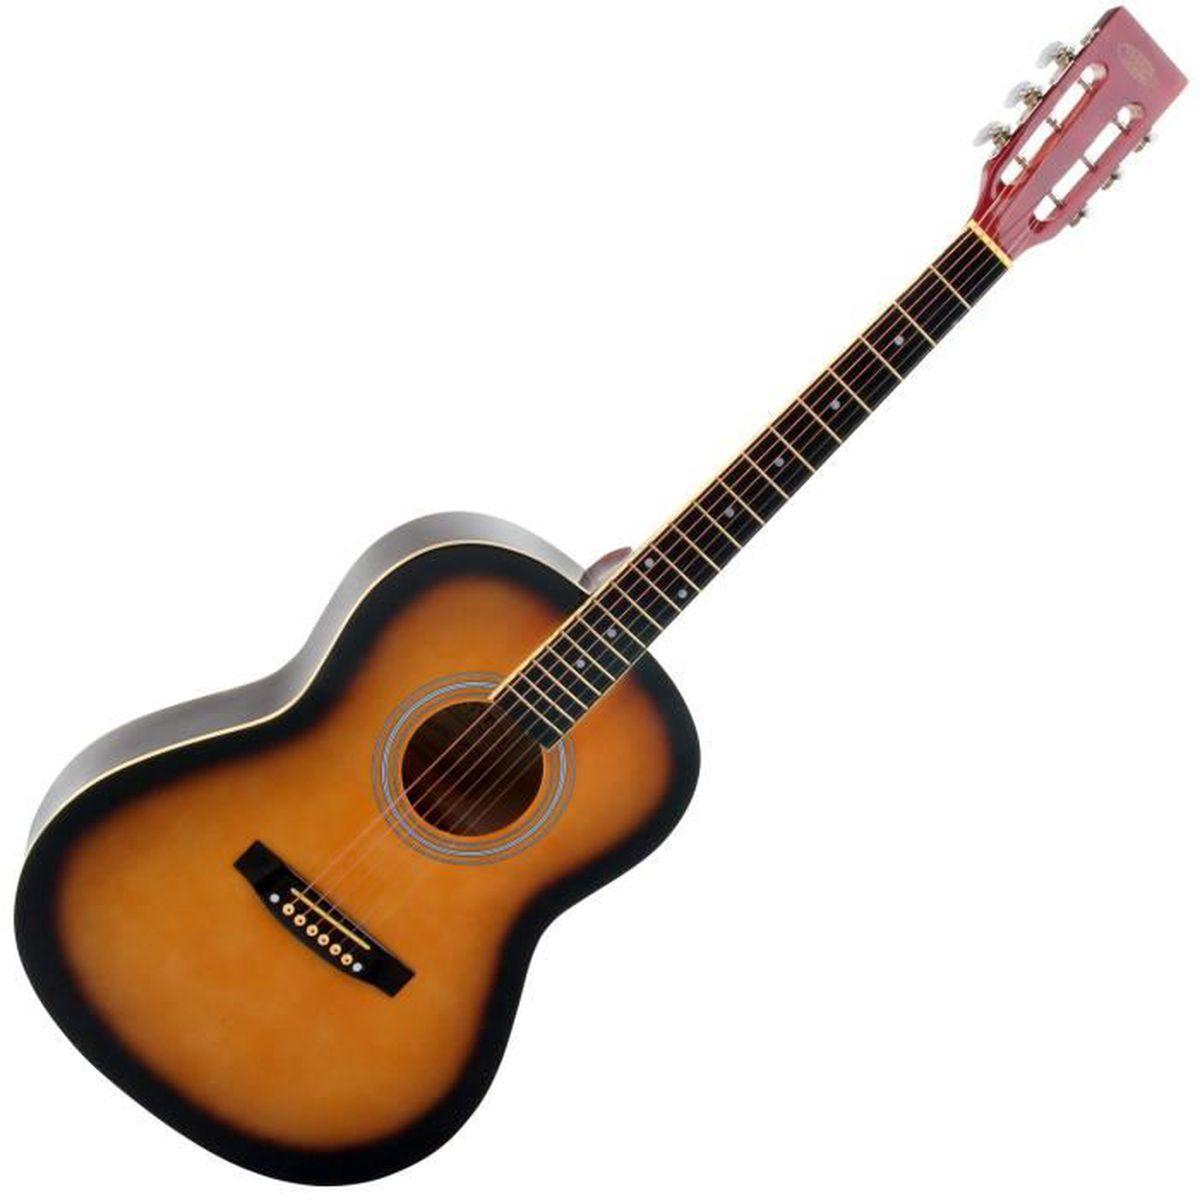 guitare ws pas cher achat vente soldes d s le 10 janvier cdiscount. Black Bedroom Furniture Sets. Home Design Ideas